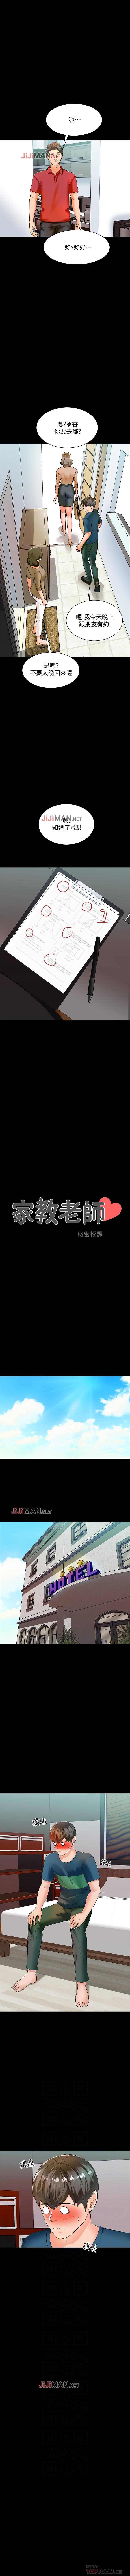 【周一连载】家教老师(作者: CreamMedia) 第1~43话 58